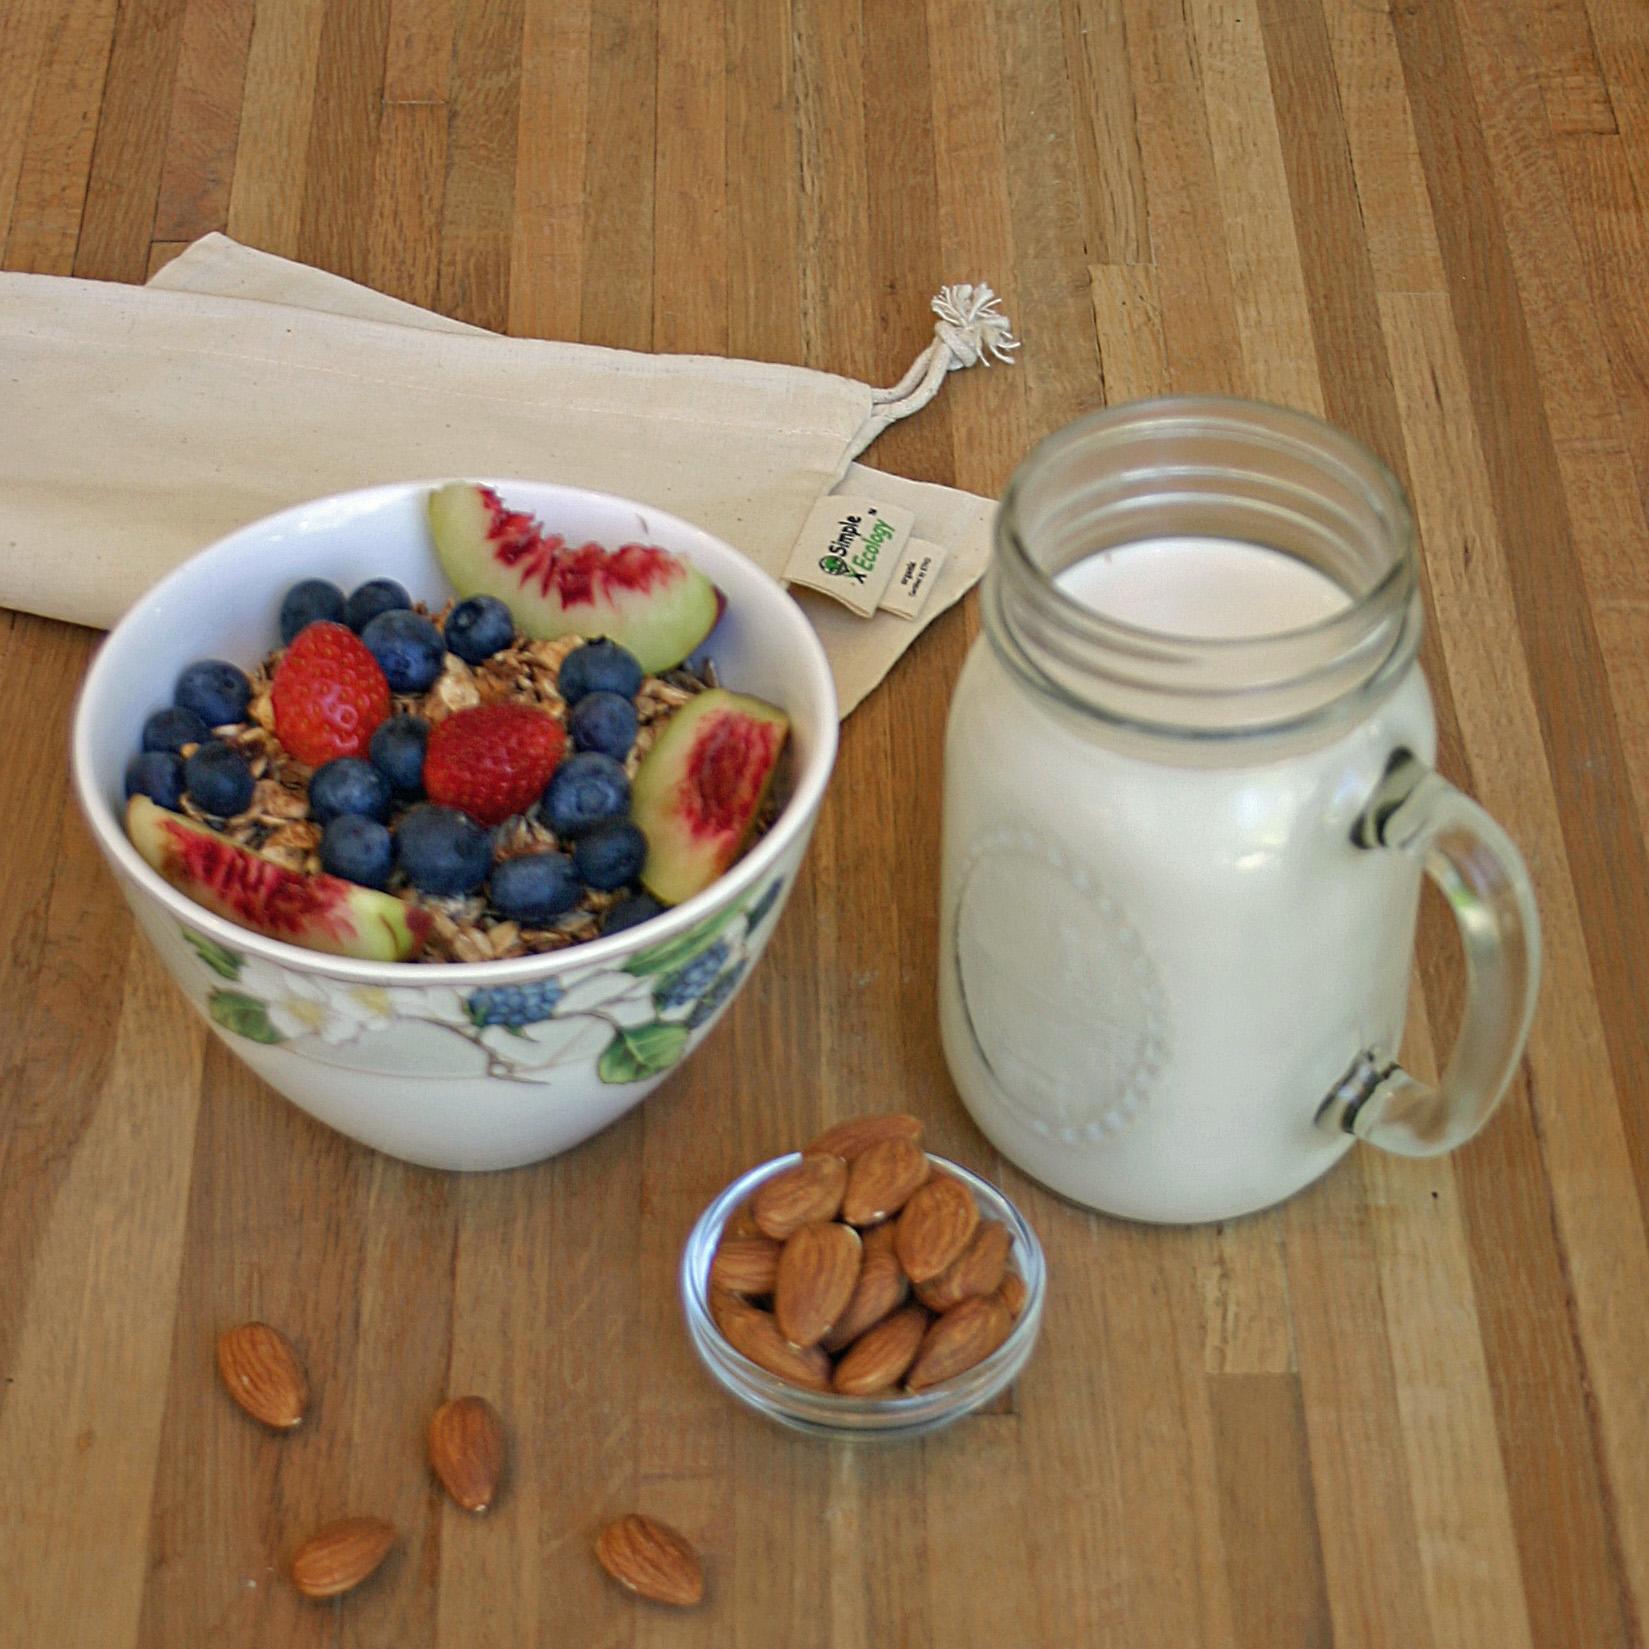 Homemade almond milk, homemade granola, fresh berries & nectarine slices